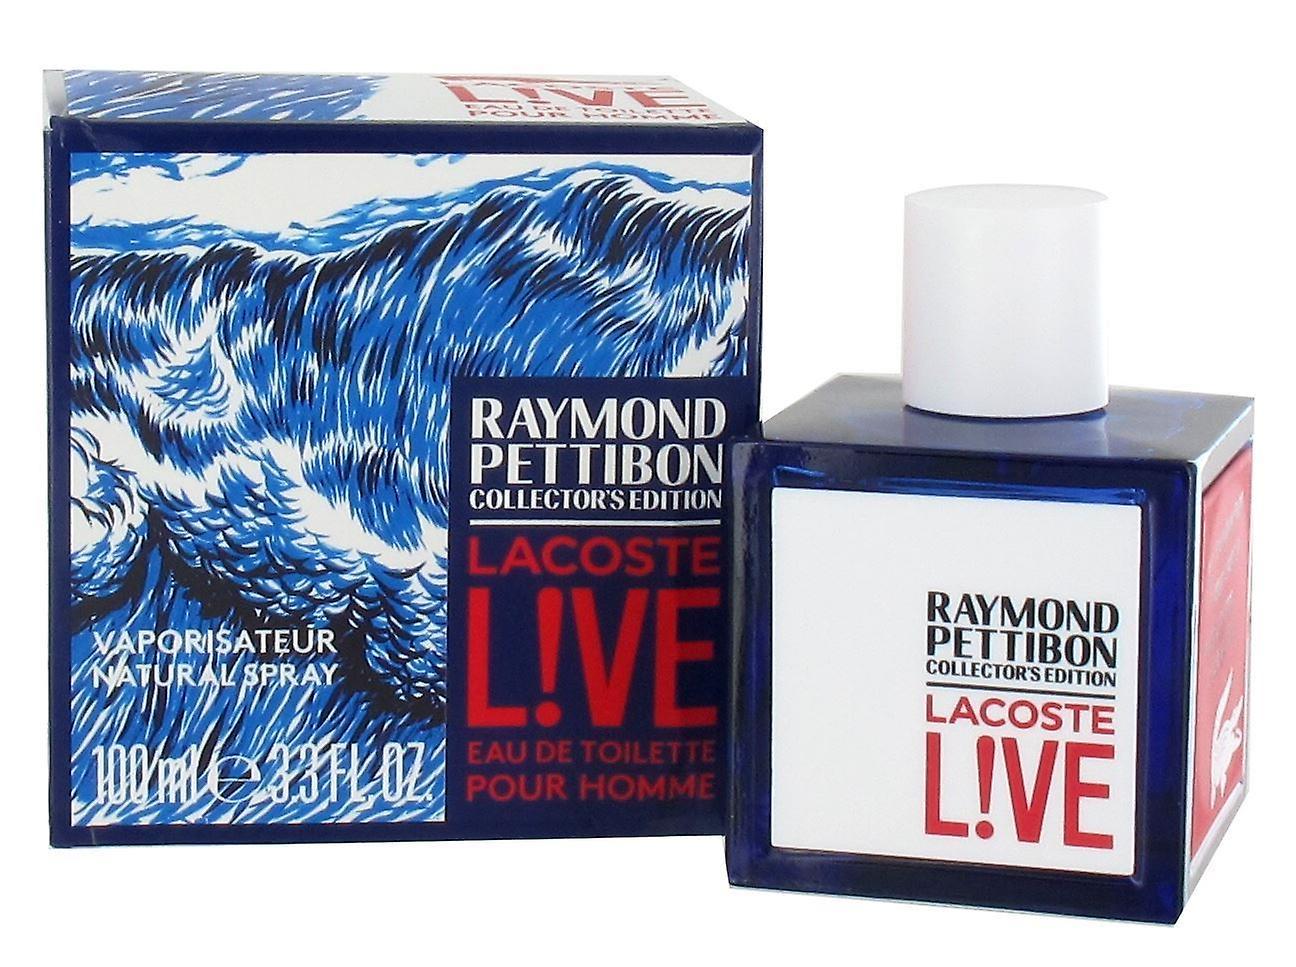 Lacoste Live Raymond Pettibon Collectors Edition